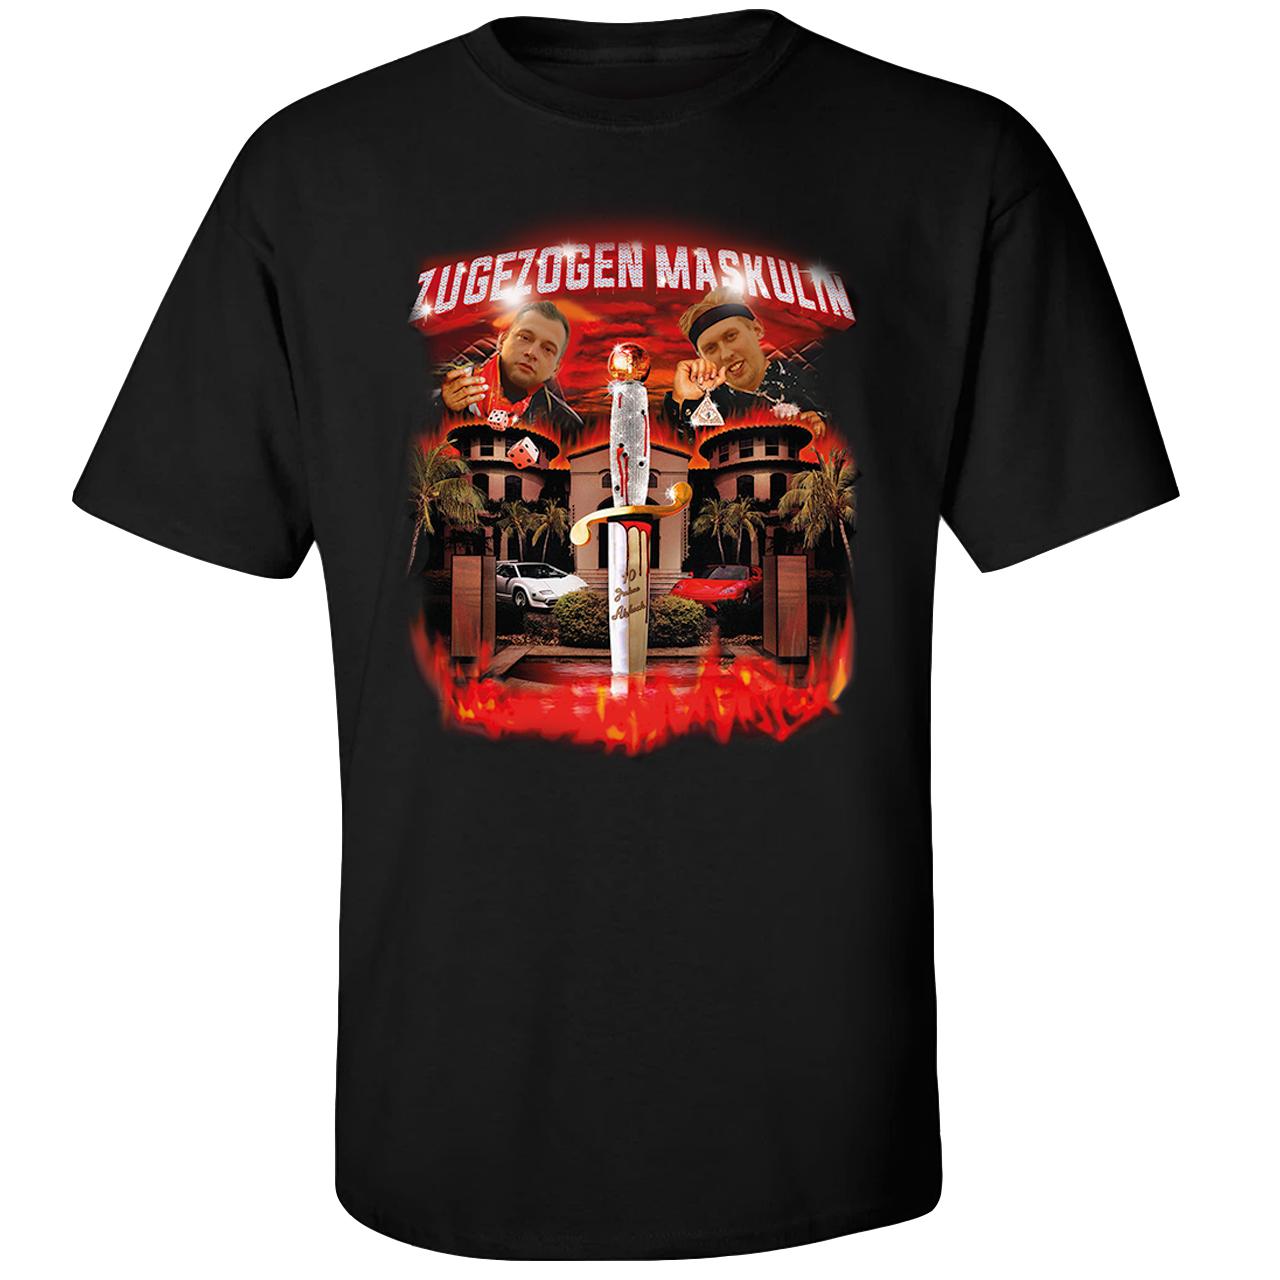 Zugezogen Maskulin ZM Edition 21 Savage / PREORDER bis 27.11. T-Shirt, Schwarz